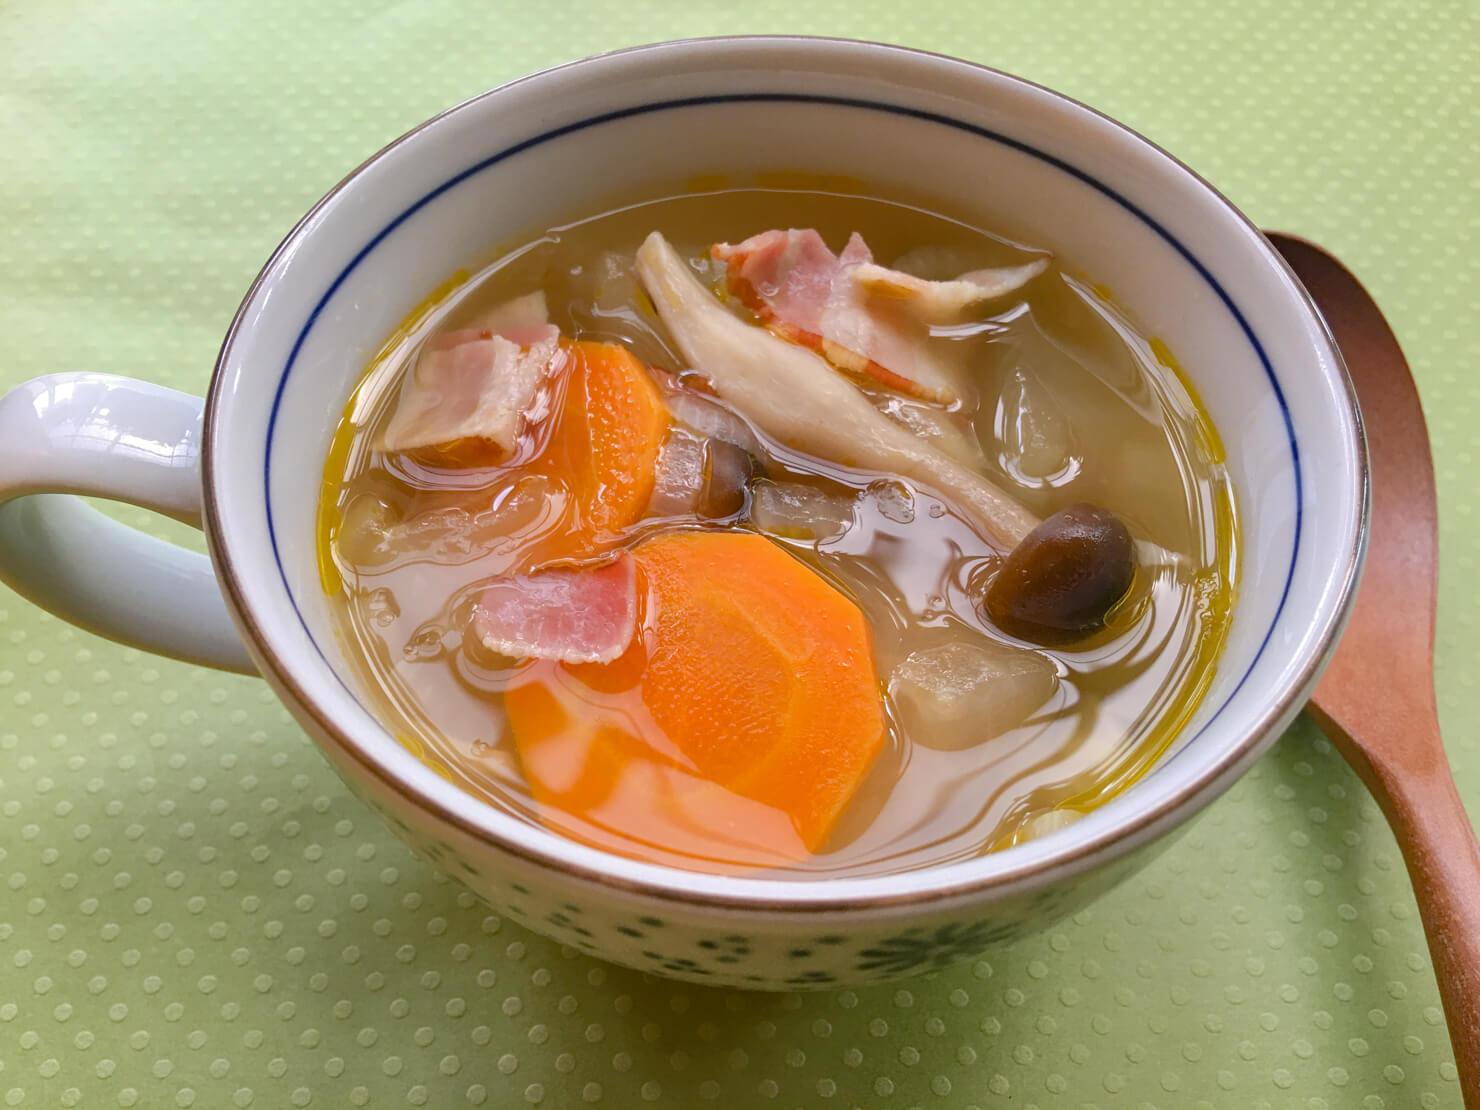 冬瓜とベーコンのスープの写真